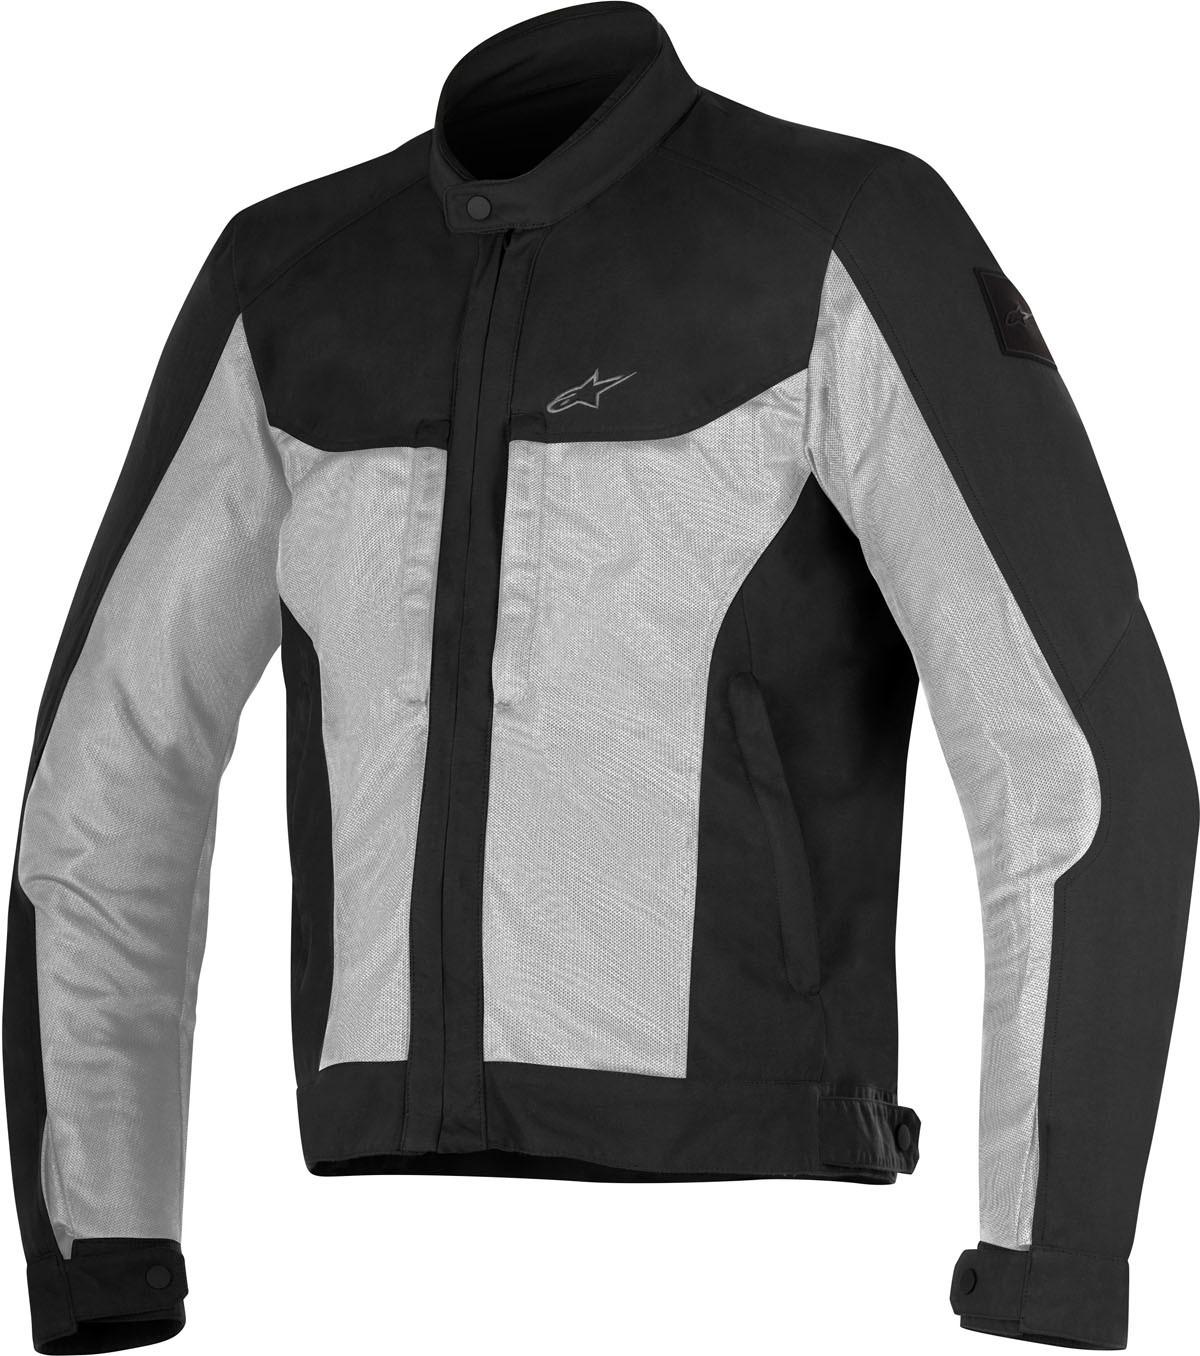 Giacca Moto da Città in Tessuto Alpinestars LUC AIR Jacket con Protezioni